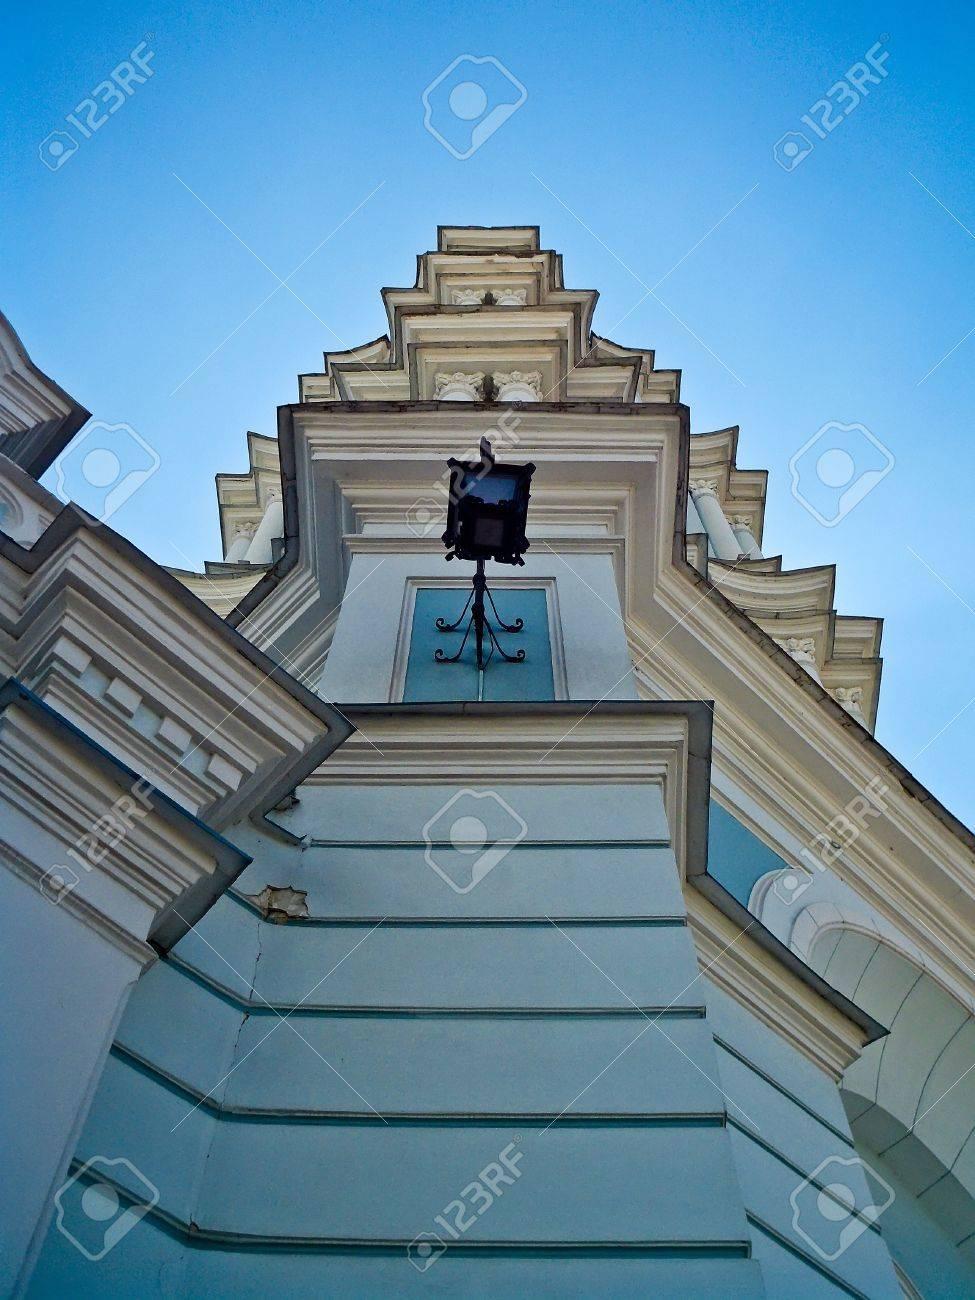 Orthodoxe Kathedrale Gebäude Verbindet Architektonische Elemente Aus ...